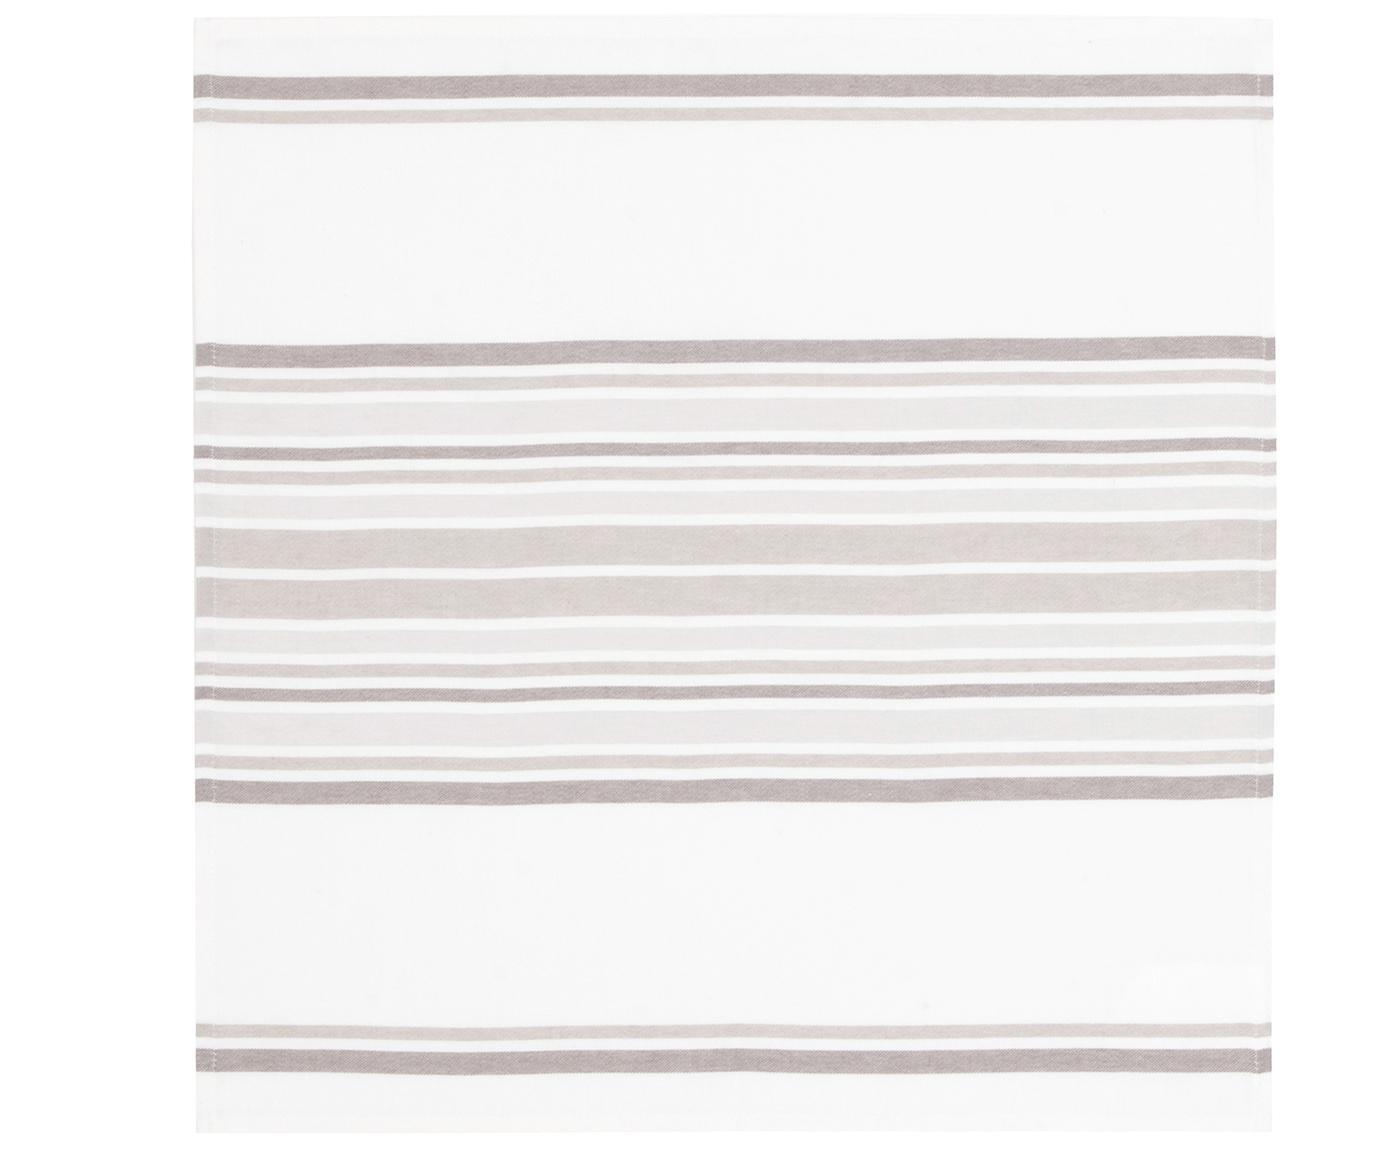 Serwetka z bawełny Katie, 2 szt., Bawełna, Biały, beżowy, S 50 x D 50 cm